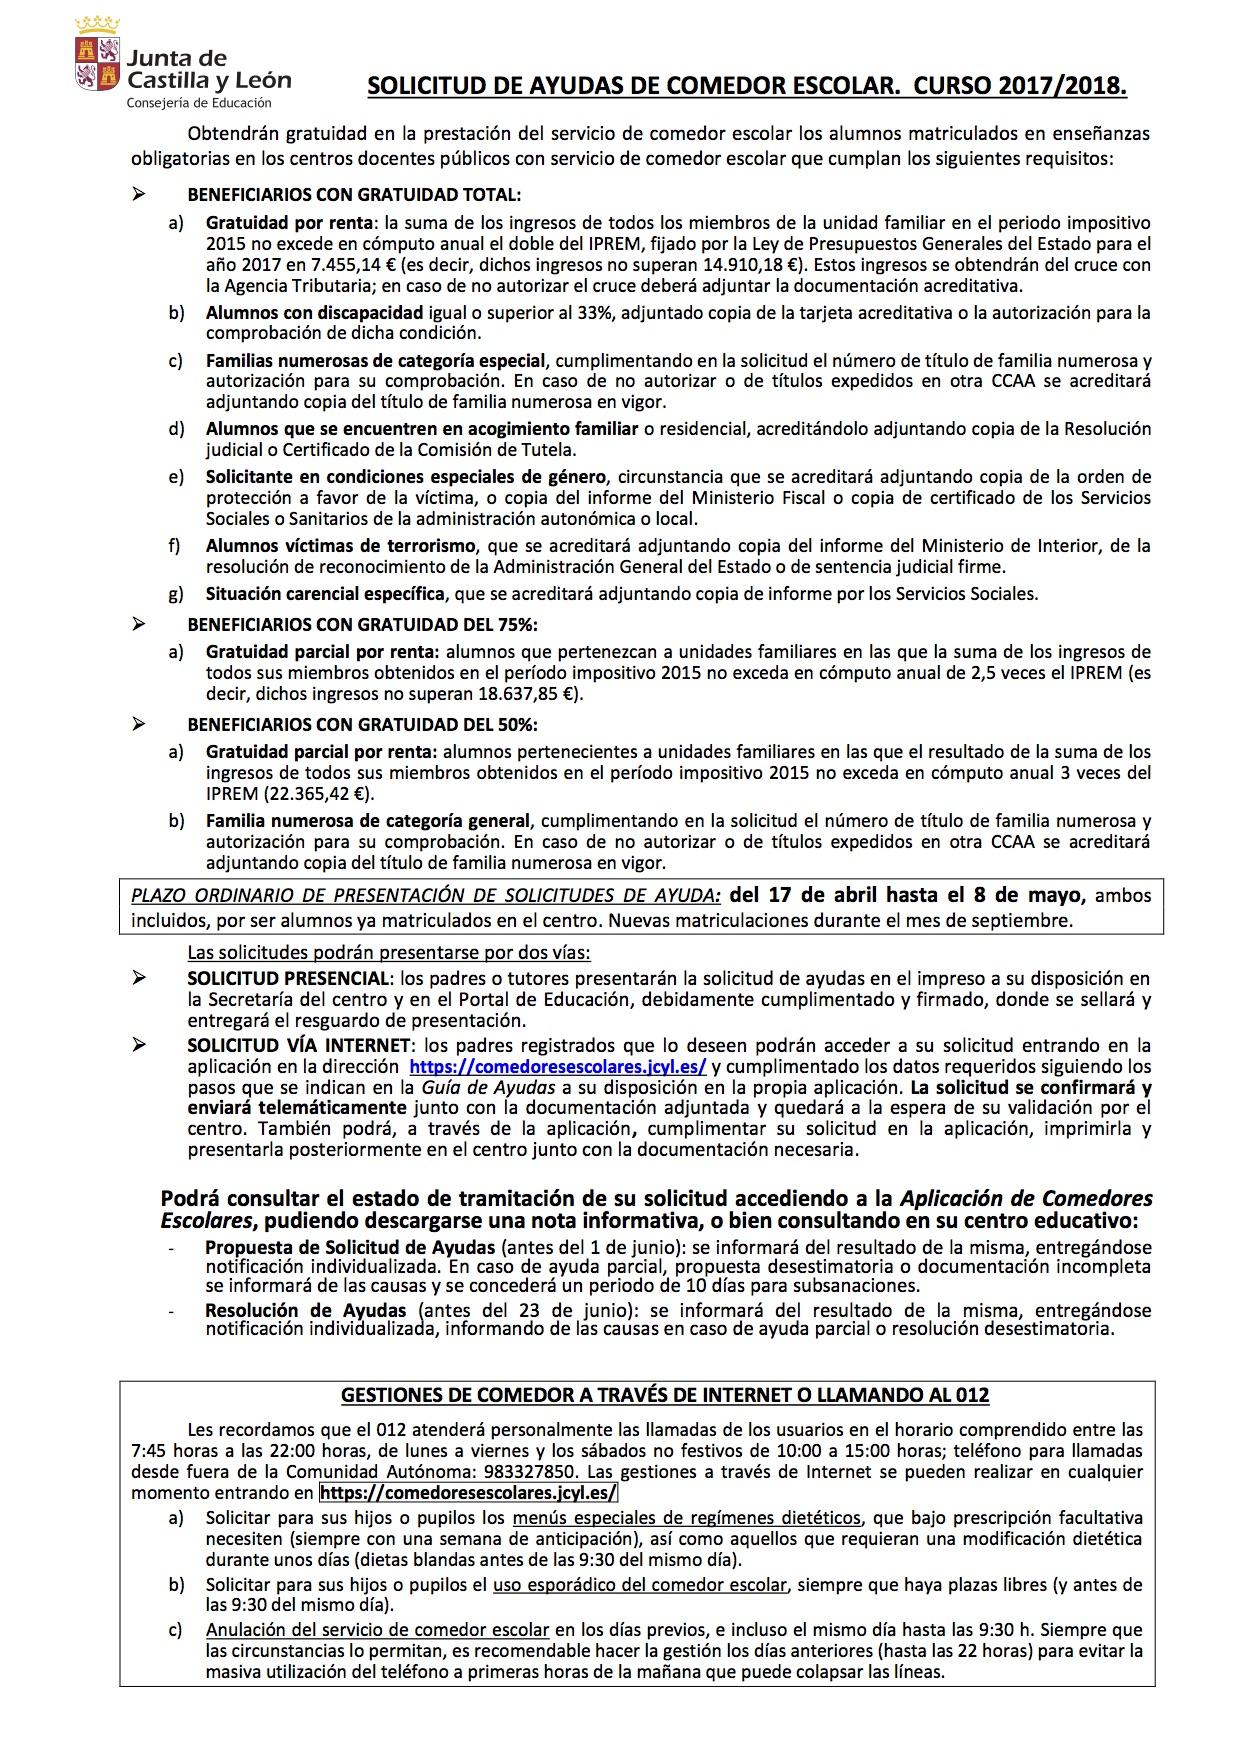 Comedores Escolares Jcyl | Ceip Pedro Aragoneses Alonso